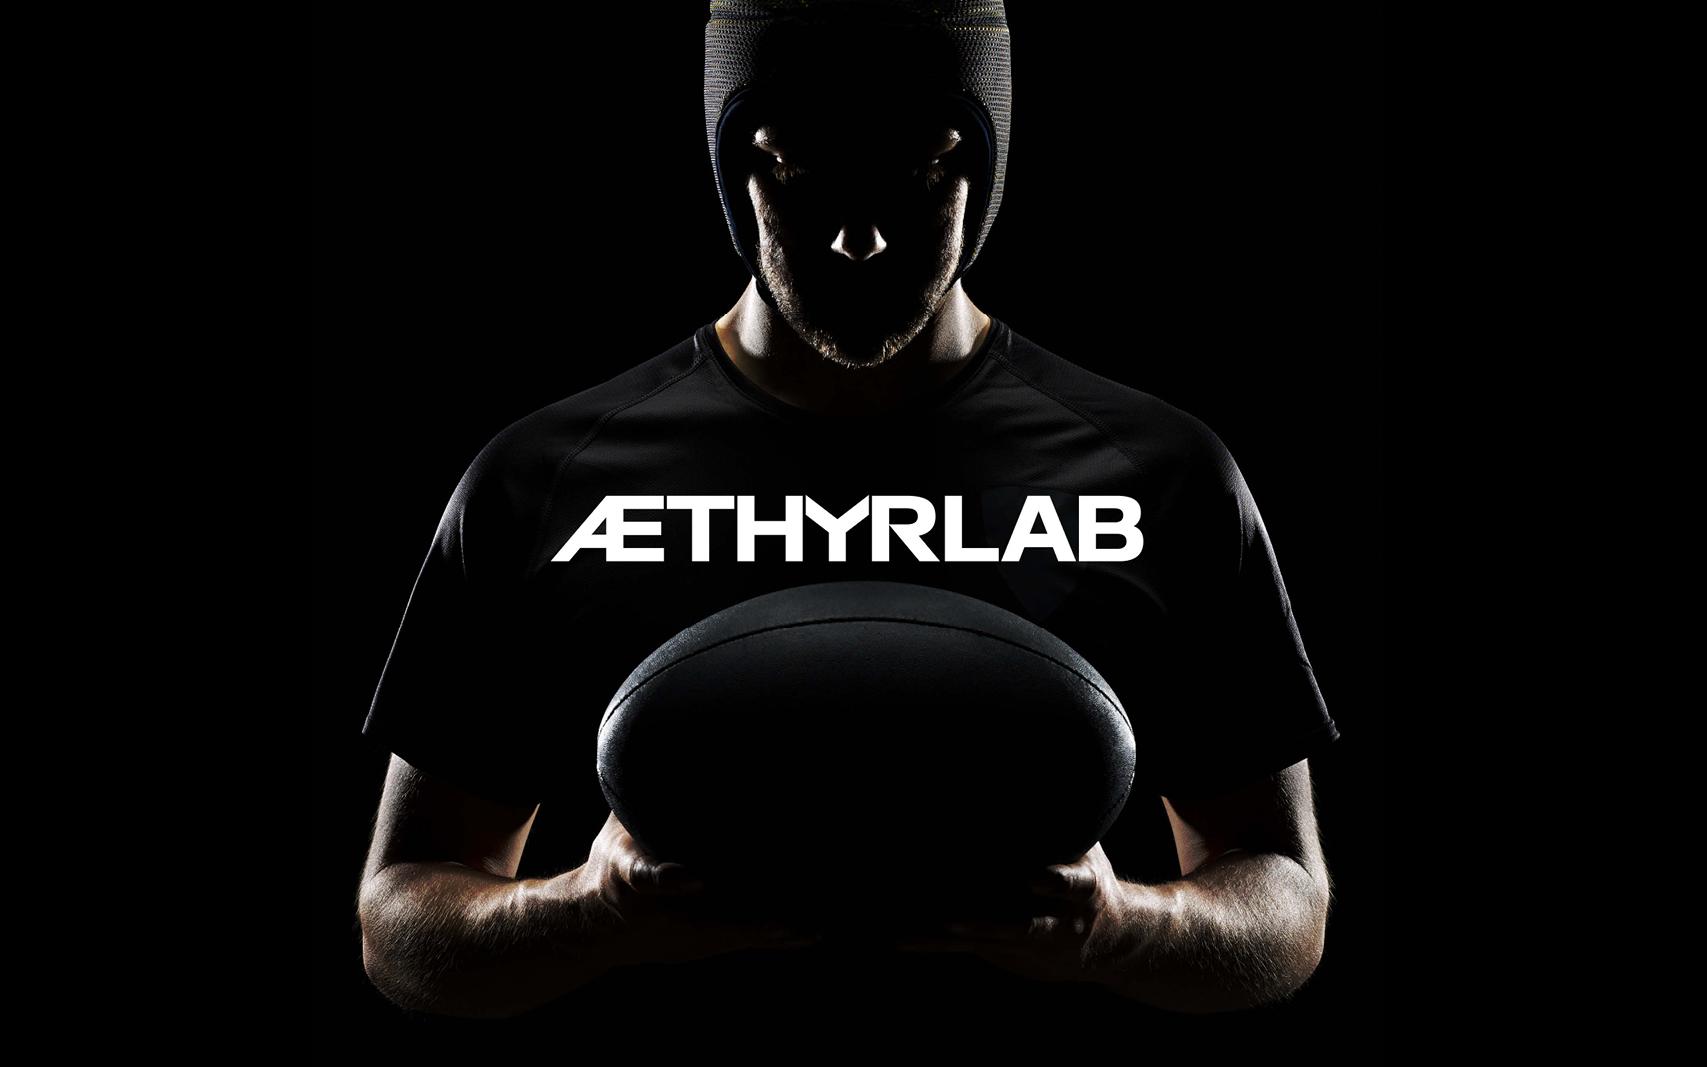 aethyrlab _02